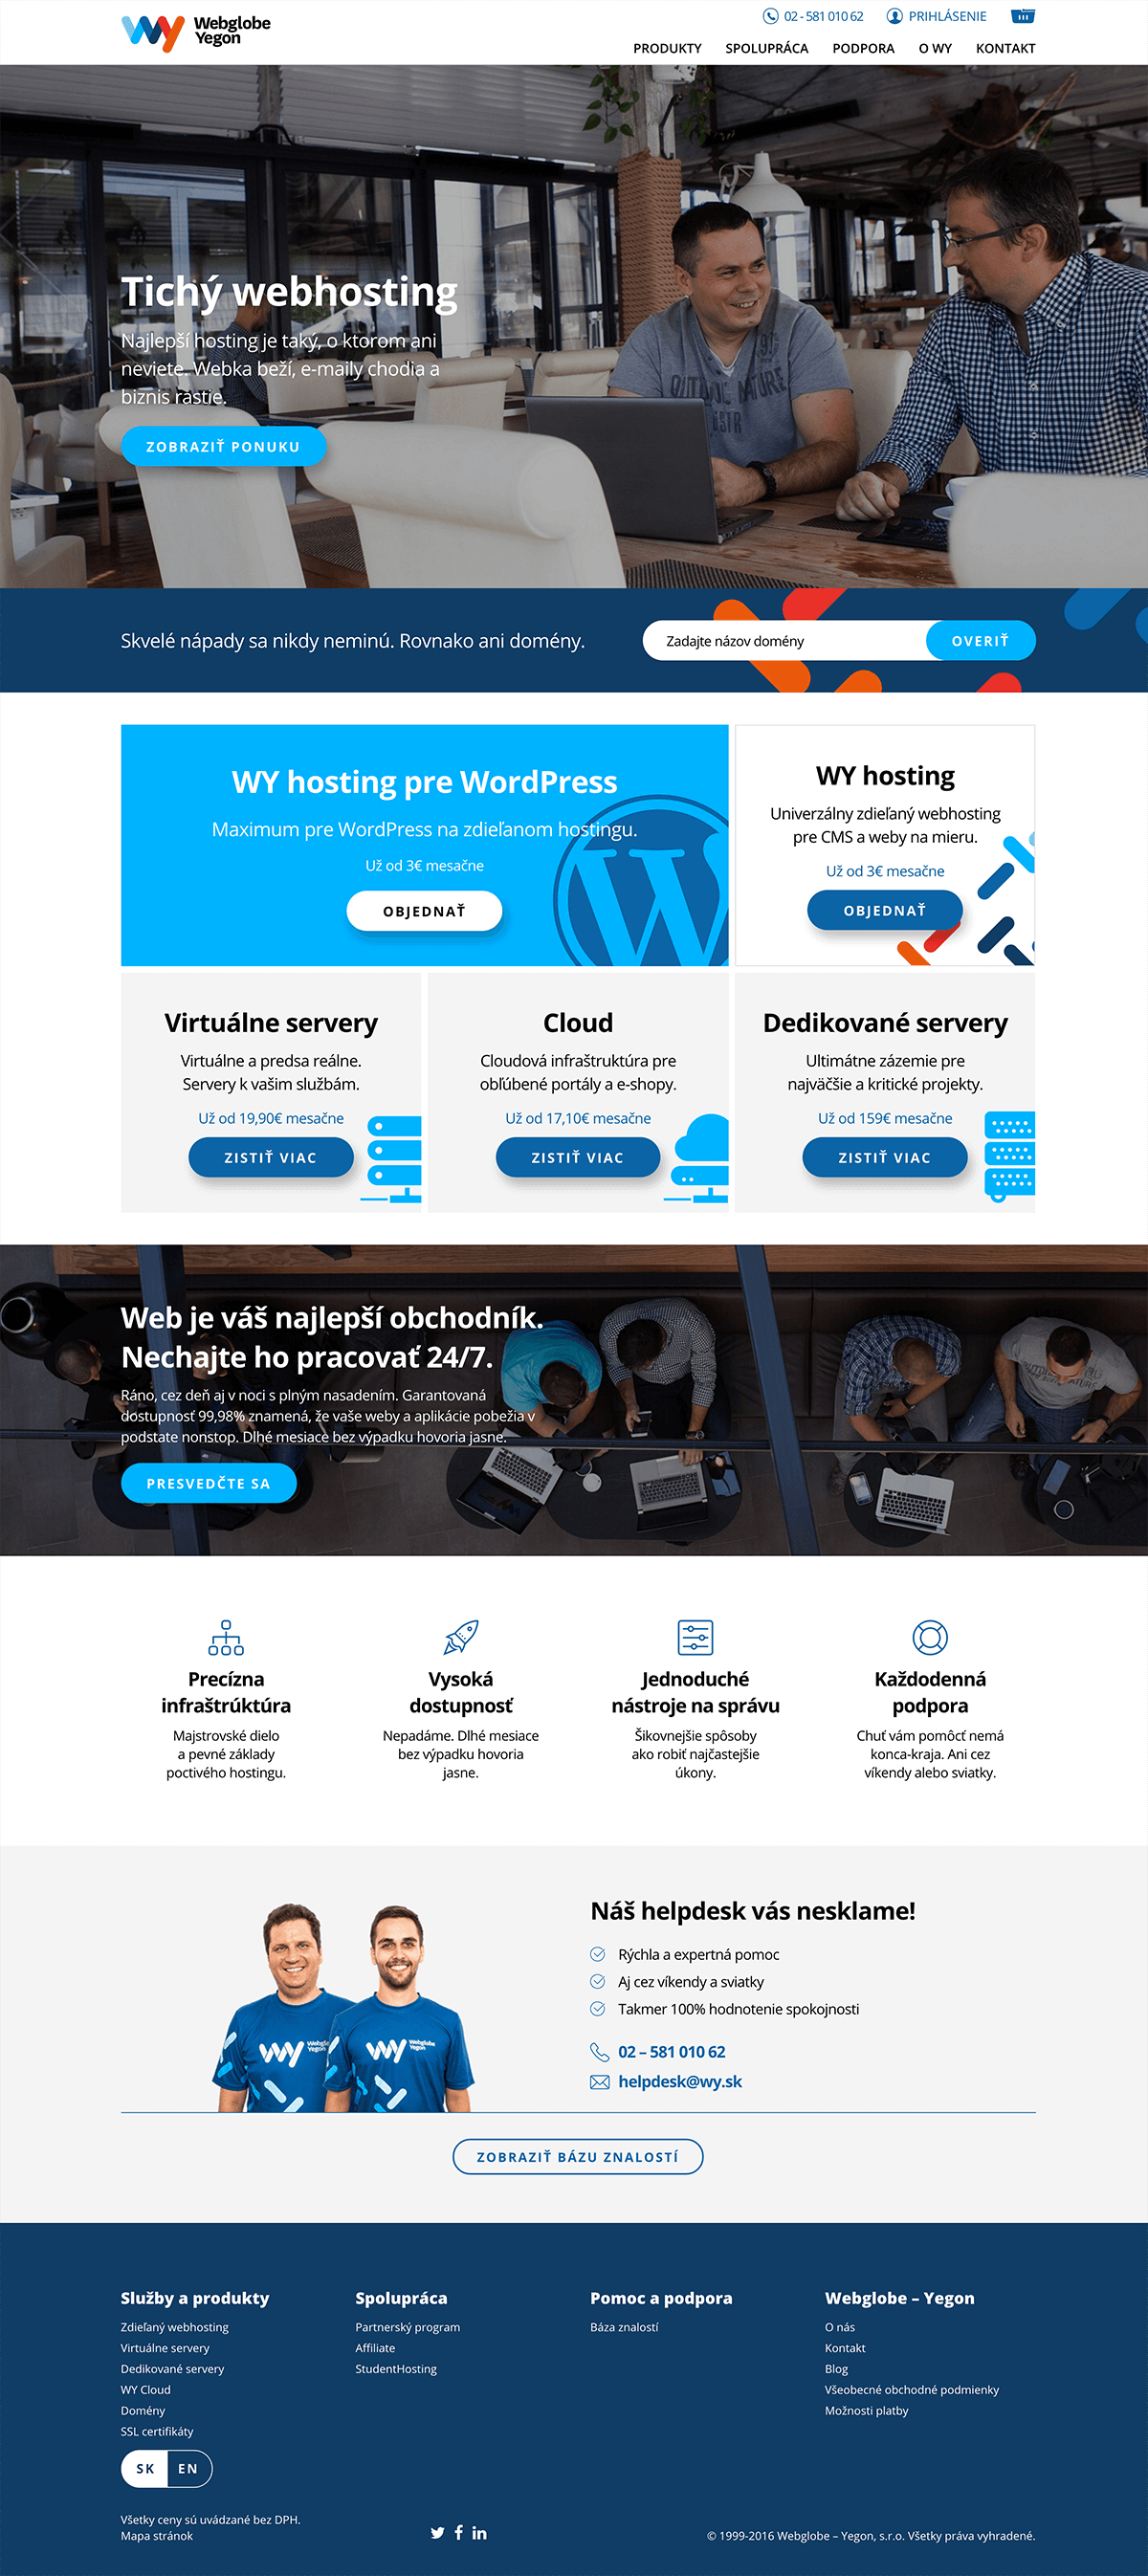 hosting-pre-vase-podnikanie-pre-vas-wy-webglobe-yegon